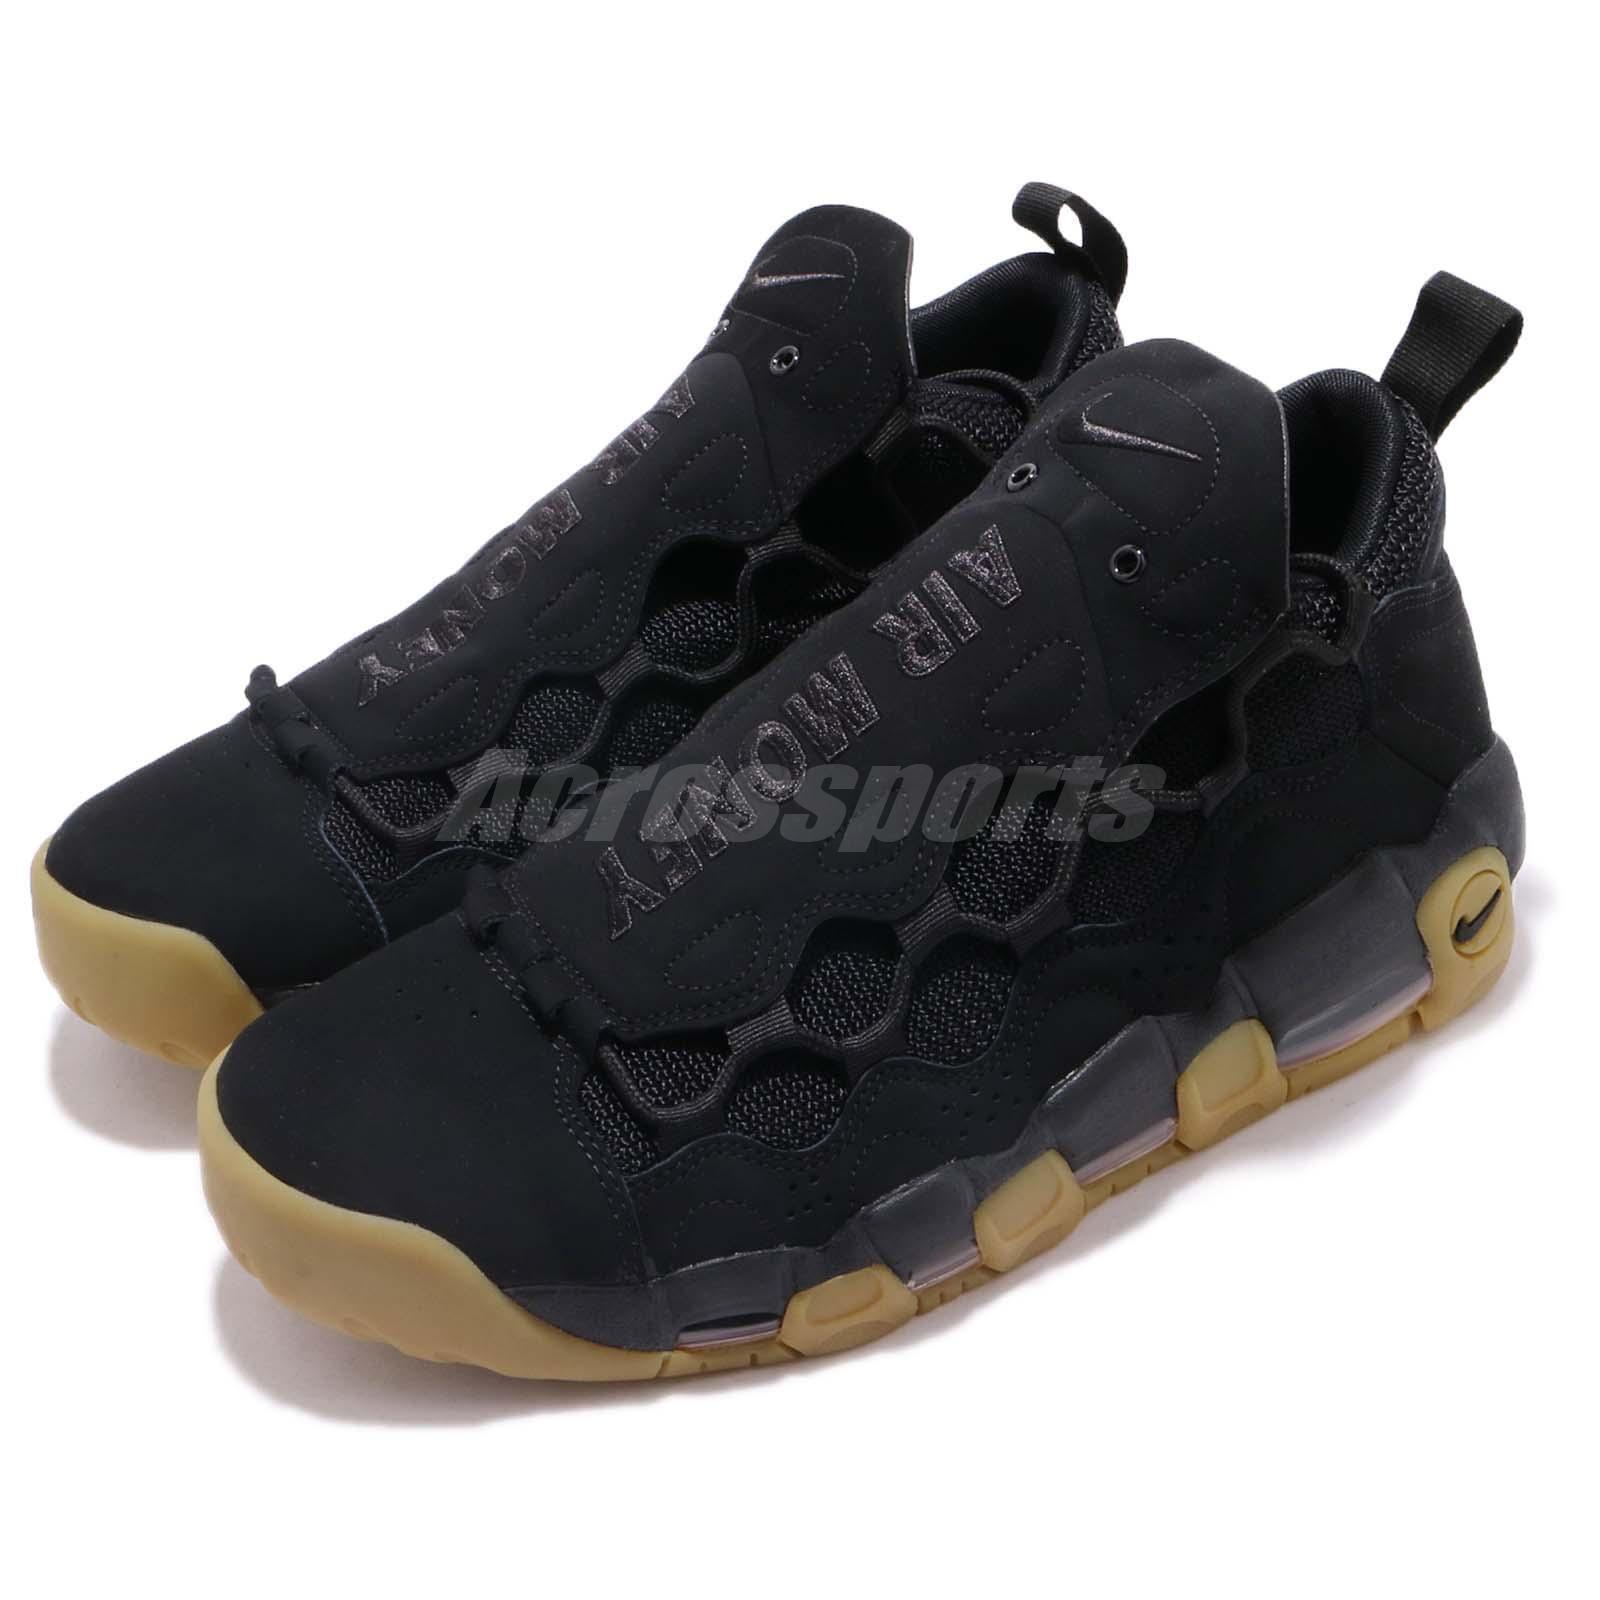 Nike air classic basketball - mehr schuhe, schuhe - mehr - geld ab. c22124